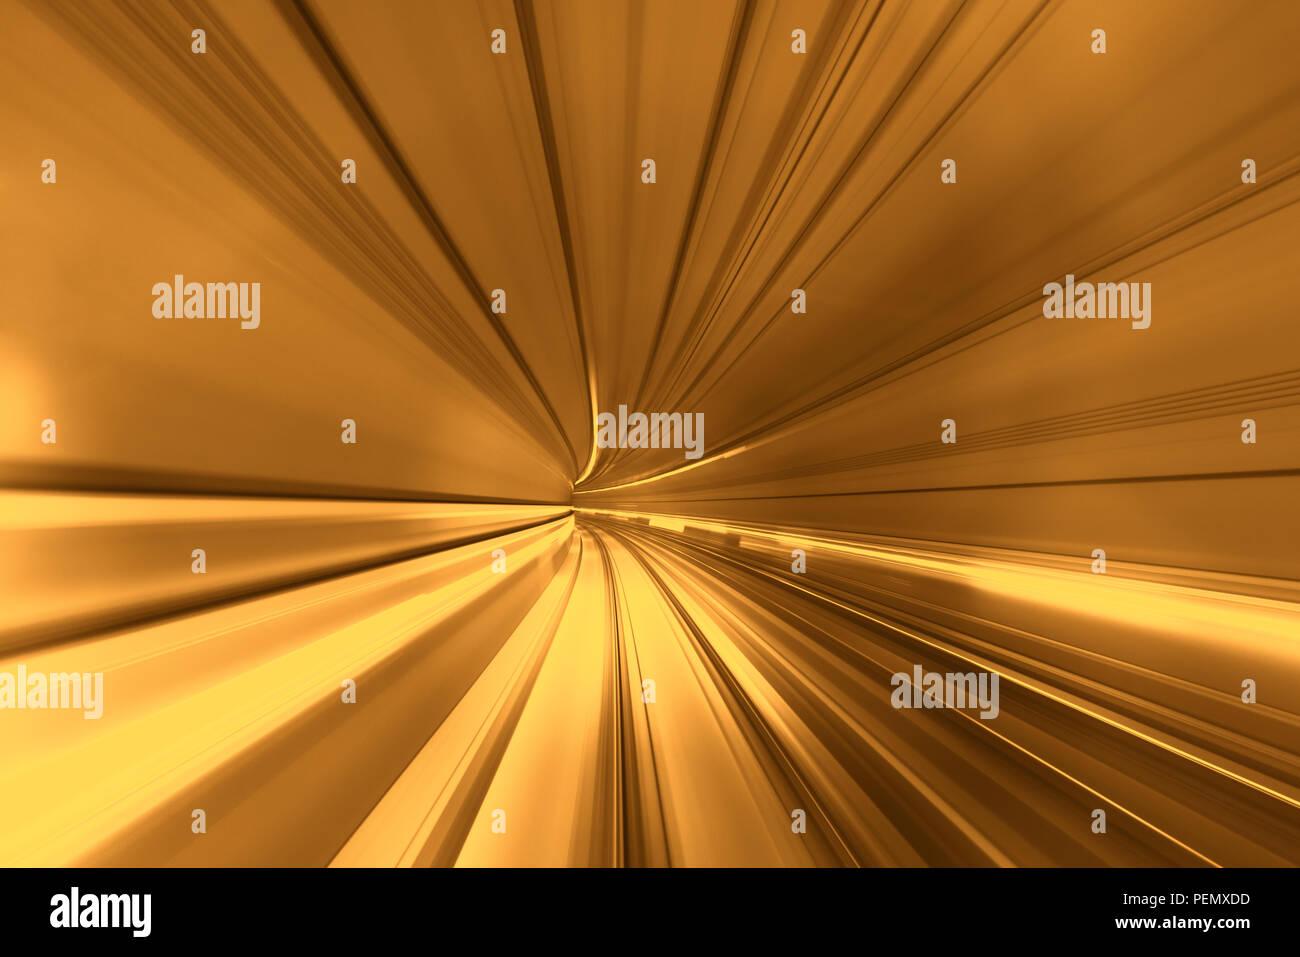 Velocidad de movimiento borrosa de tren o metro tren en movimiento dentro del túnel. Imagen De Stock